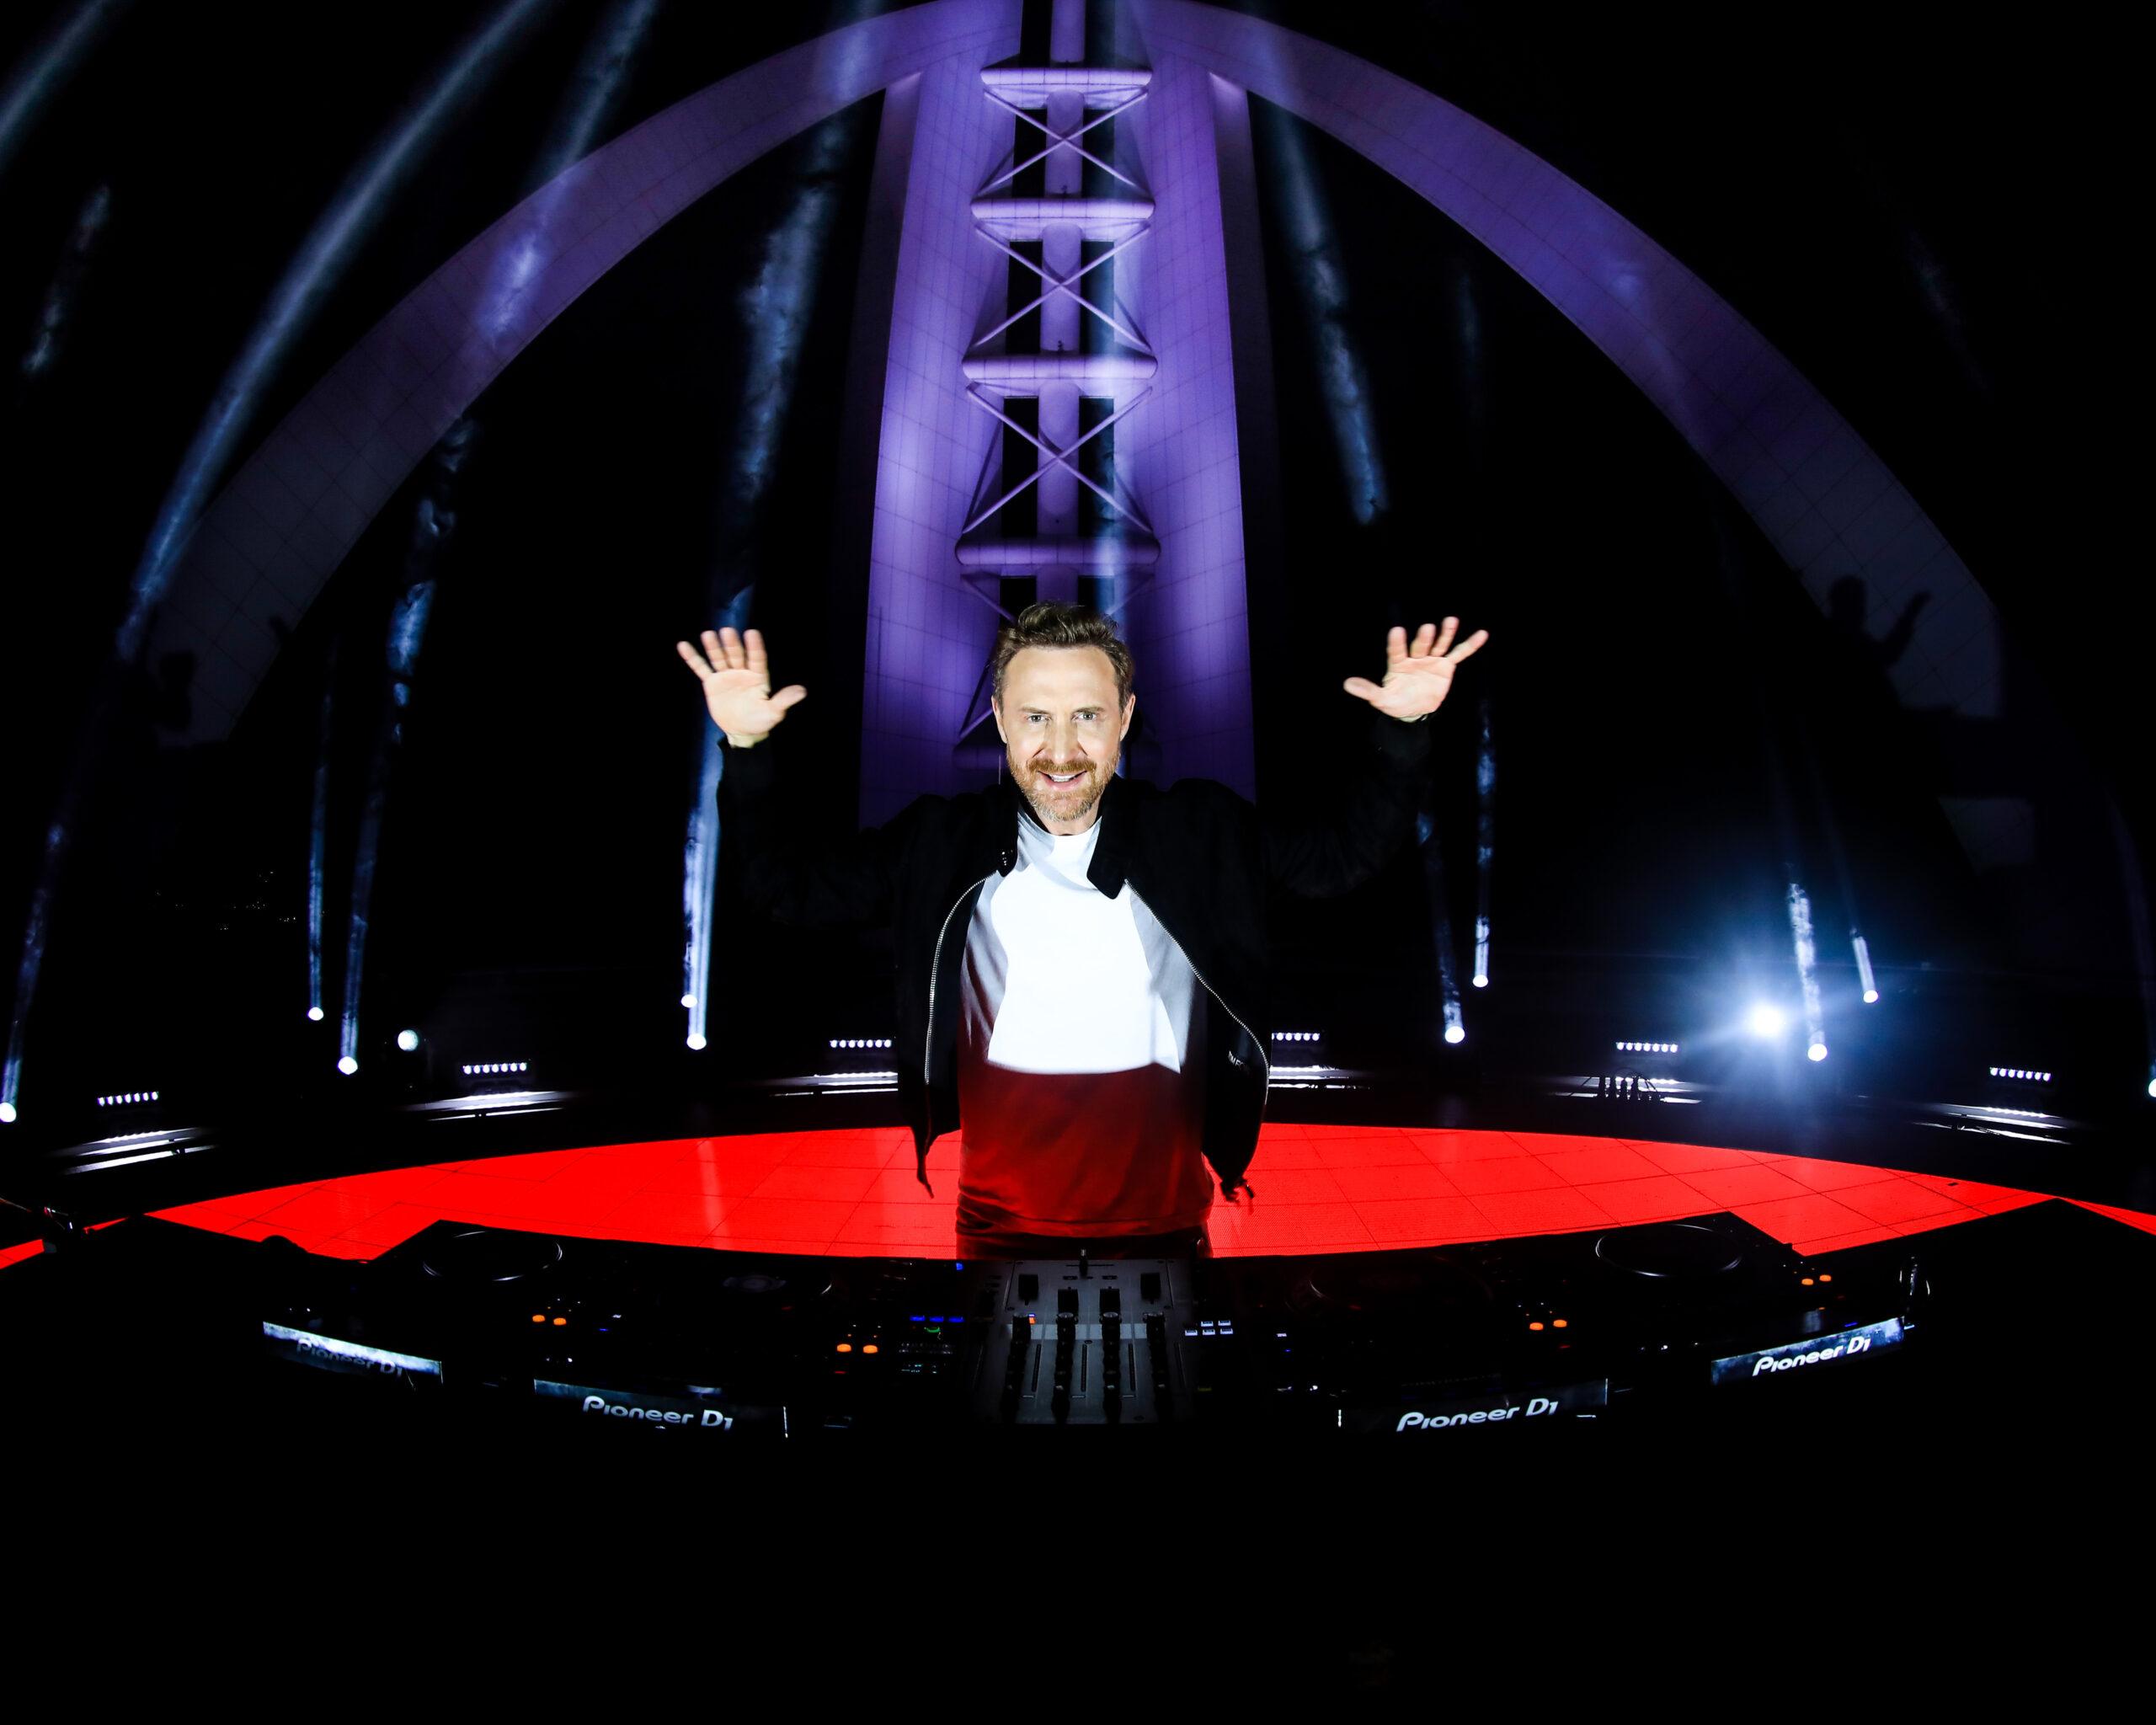 Февраль в Дубае: концерт Давида Гетты и гастрономический фестиваль.Вокруг Света. Украина